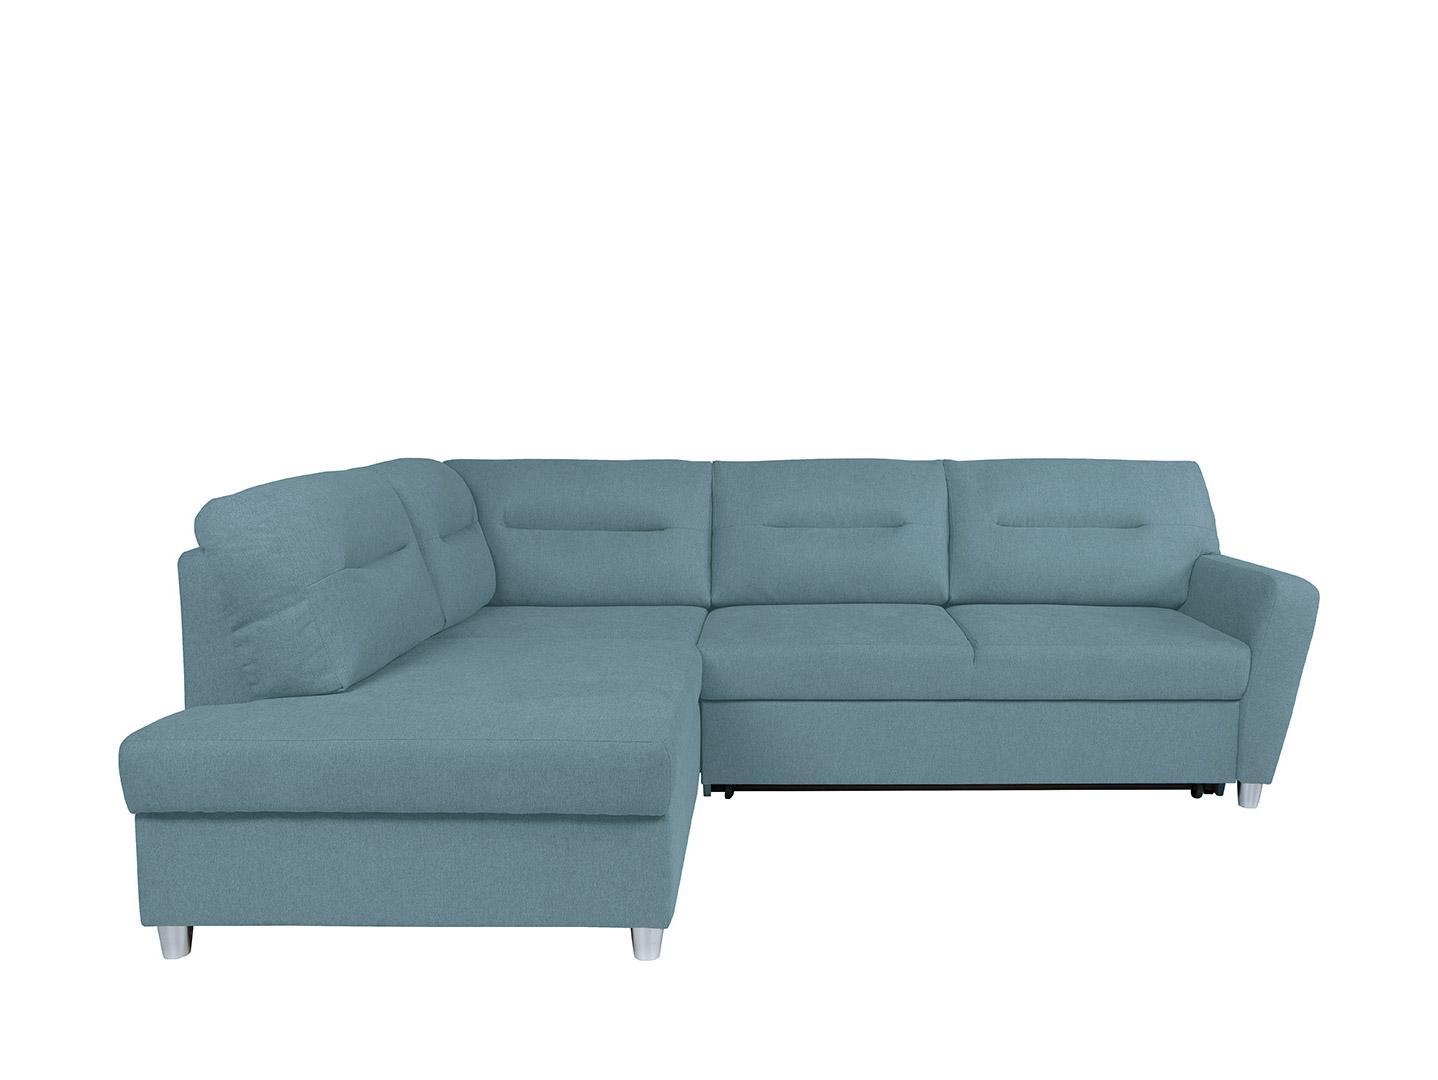 Rohová sedačka BRW Sotelo RECBK.2F (tyrkysová) (L)